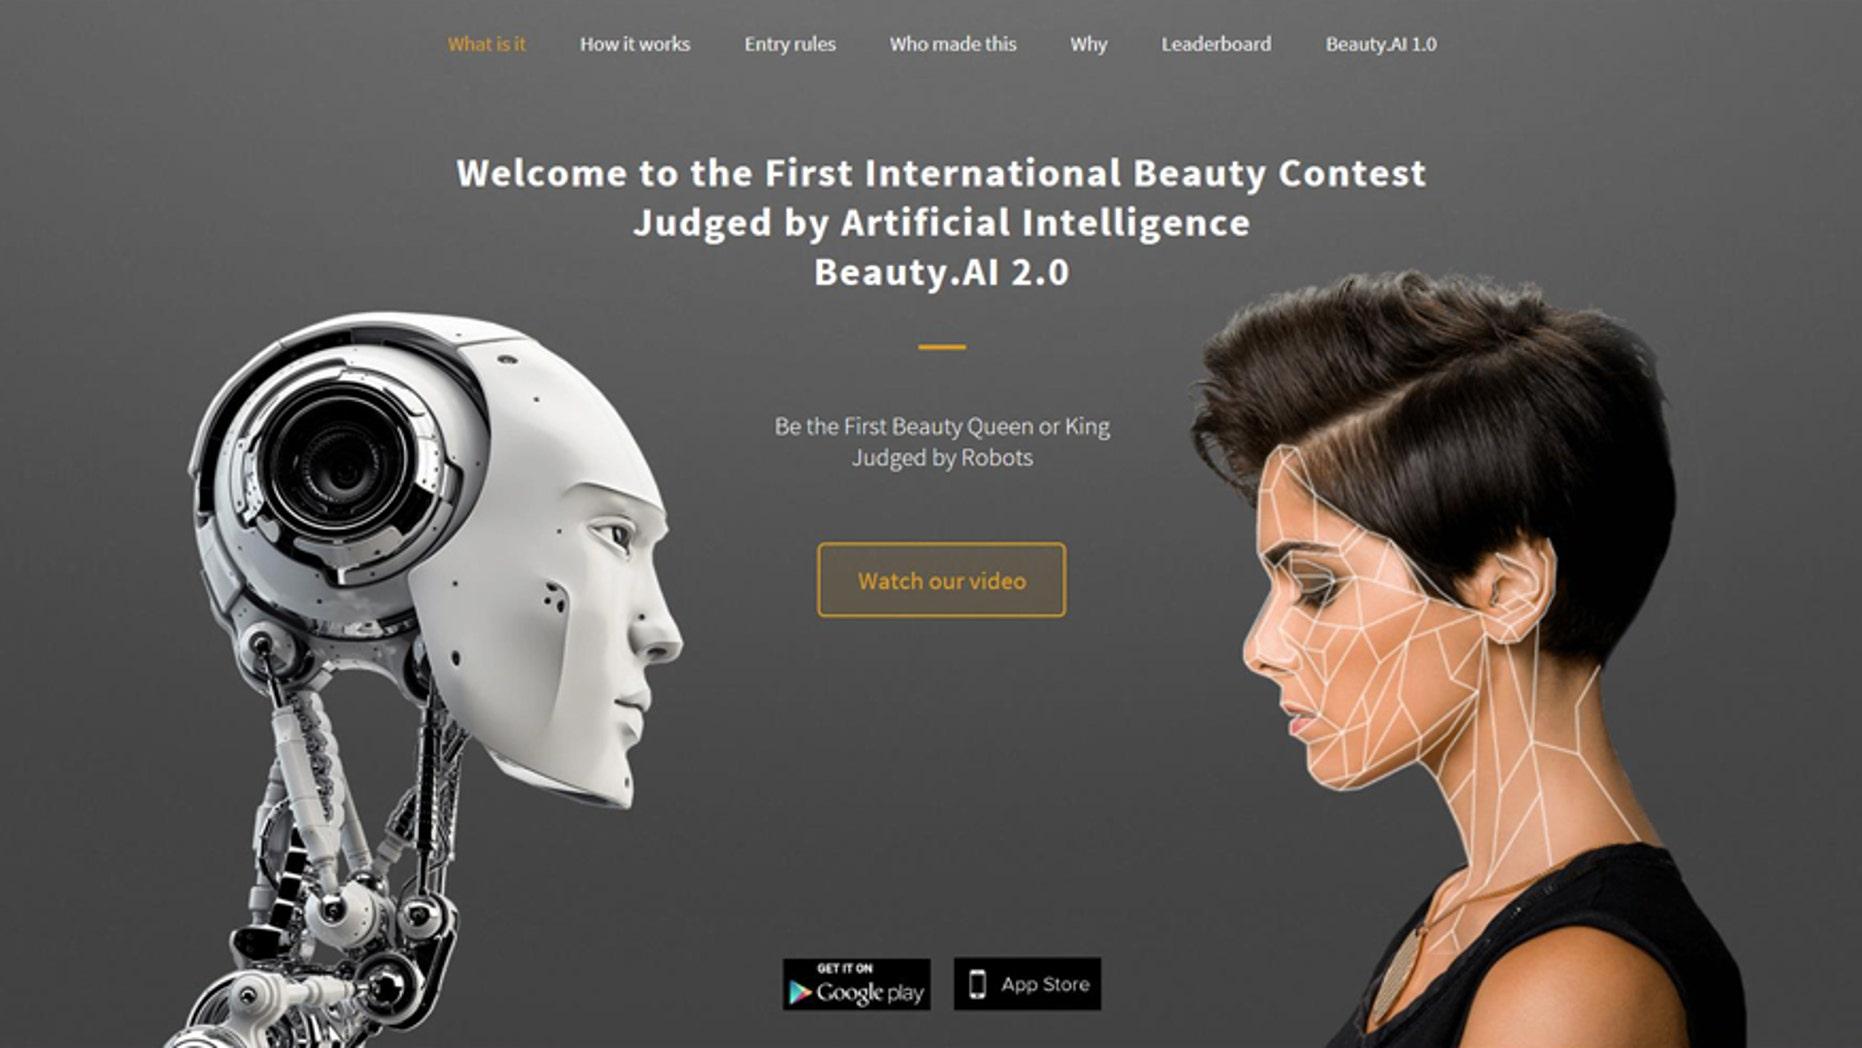 (Screenshot from http://beauty.ai/)